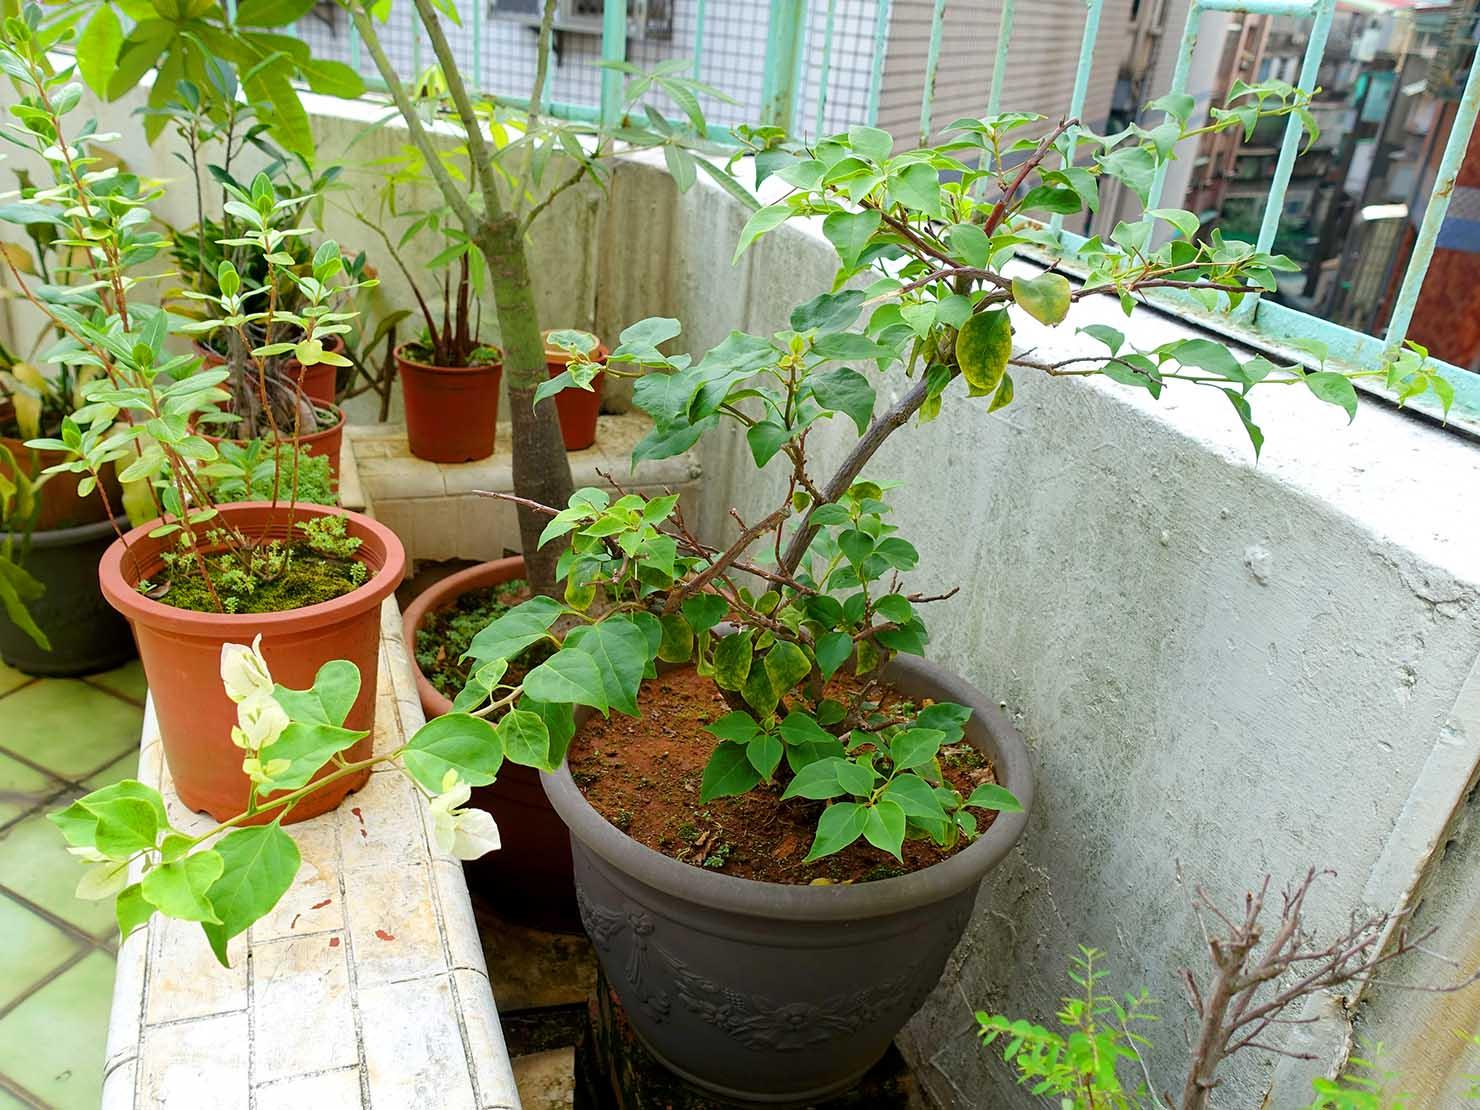 台湾でよく見かける植物「九重葛(ブーゲンビリア)」の鉢植え